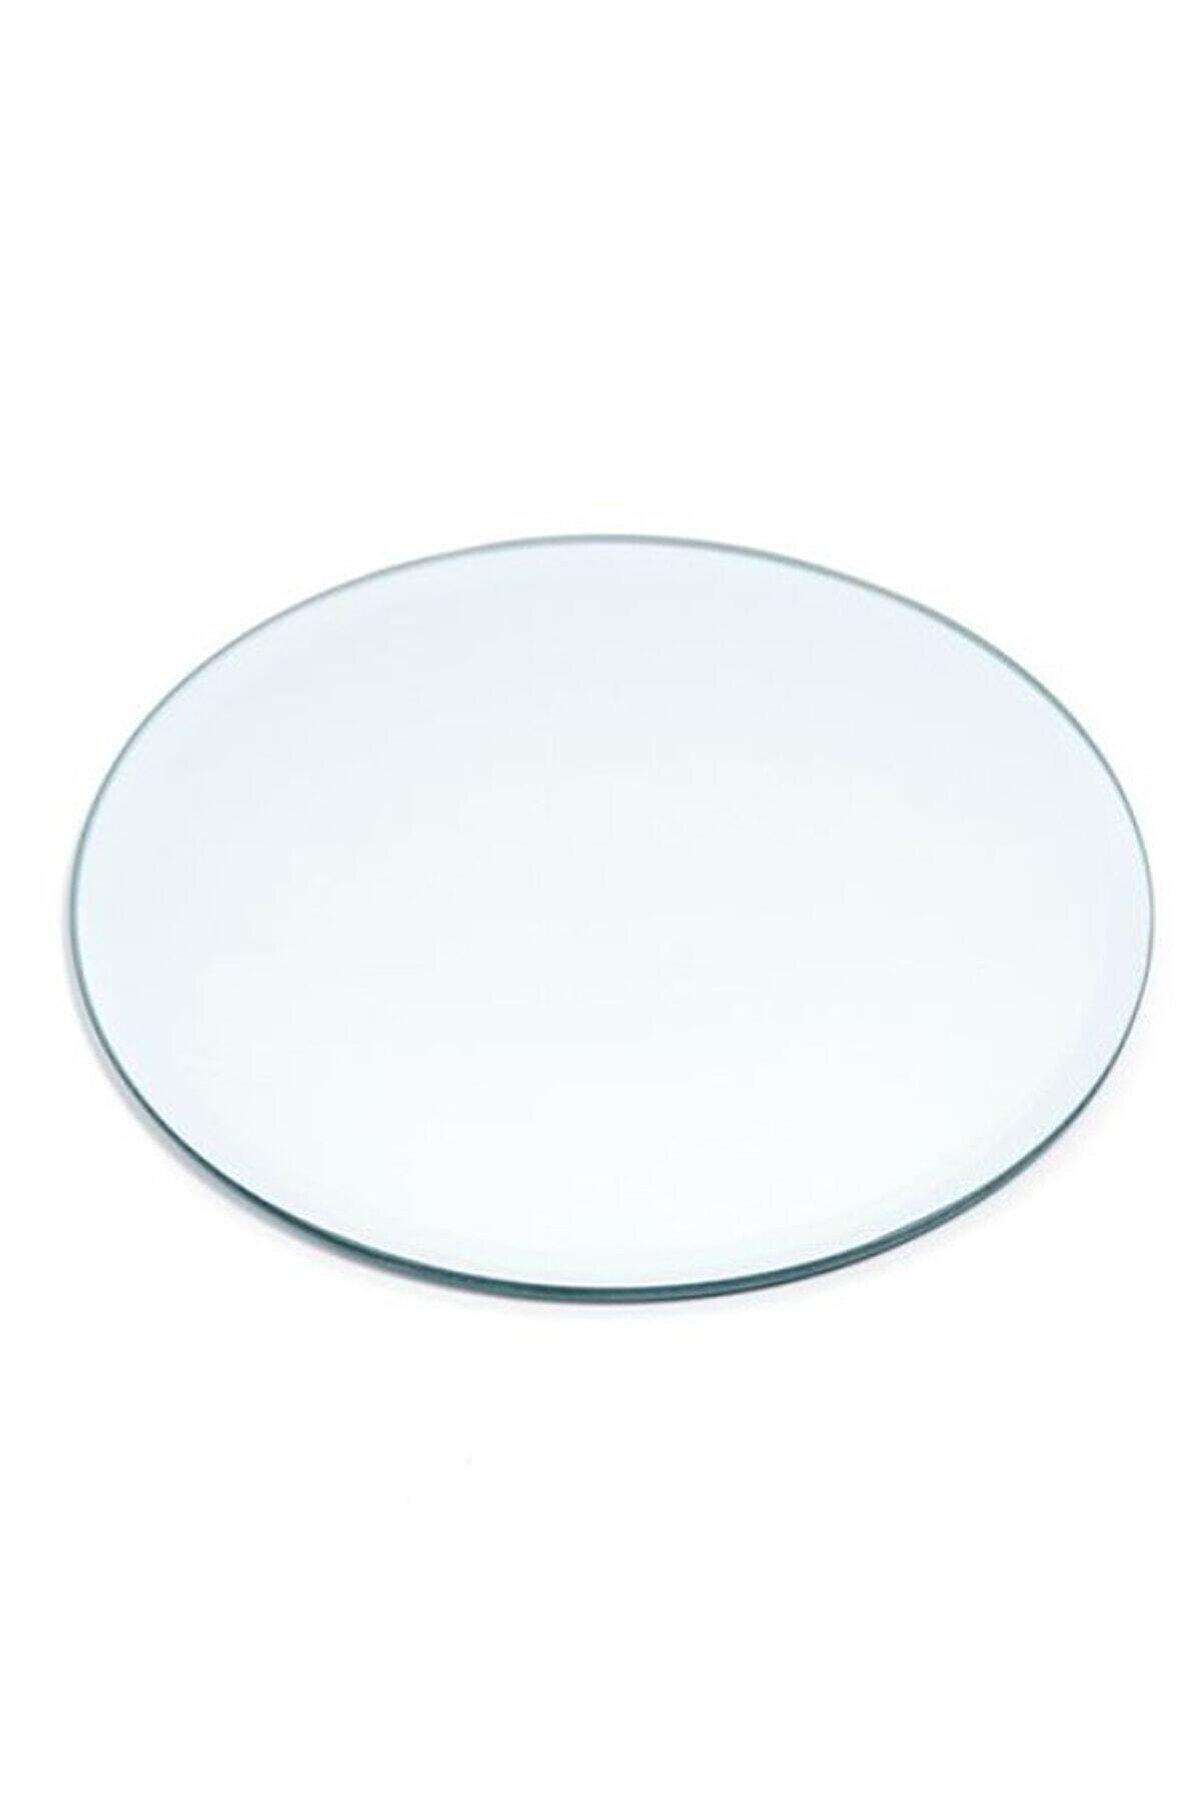 UĞUR MOBİLYA Makromeler Için Yuvarlak Kesim  Ayna 25 cm